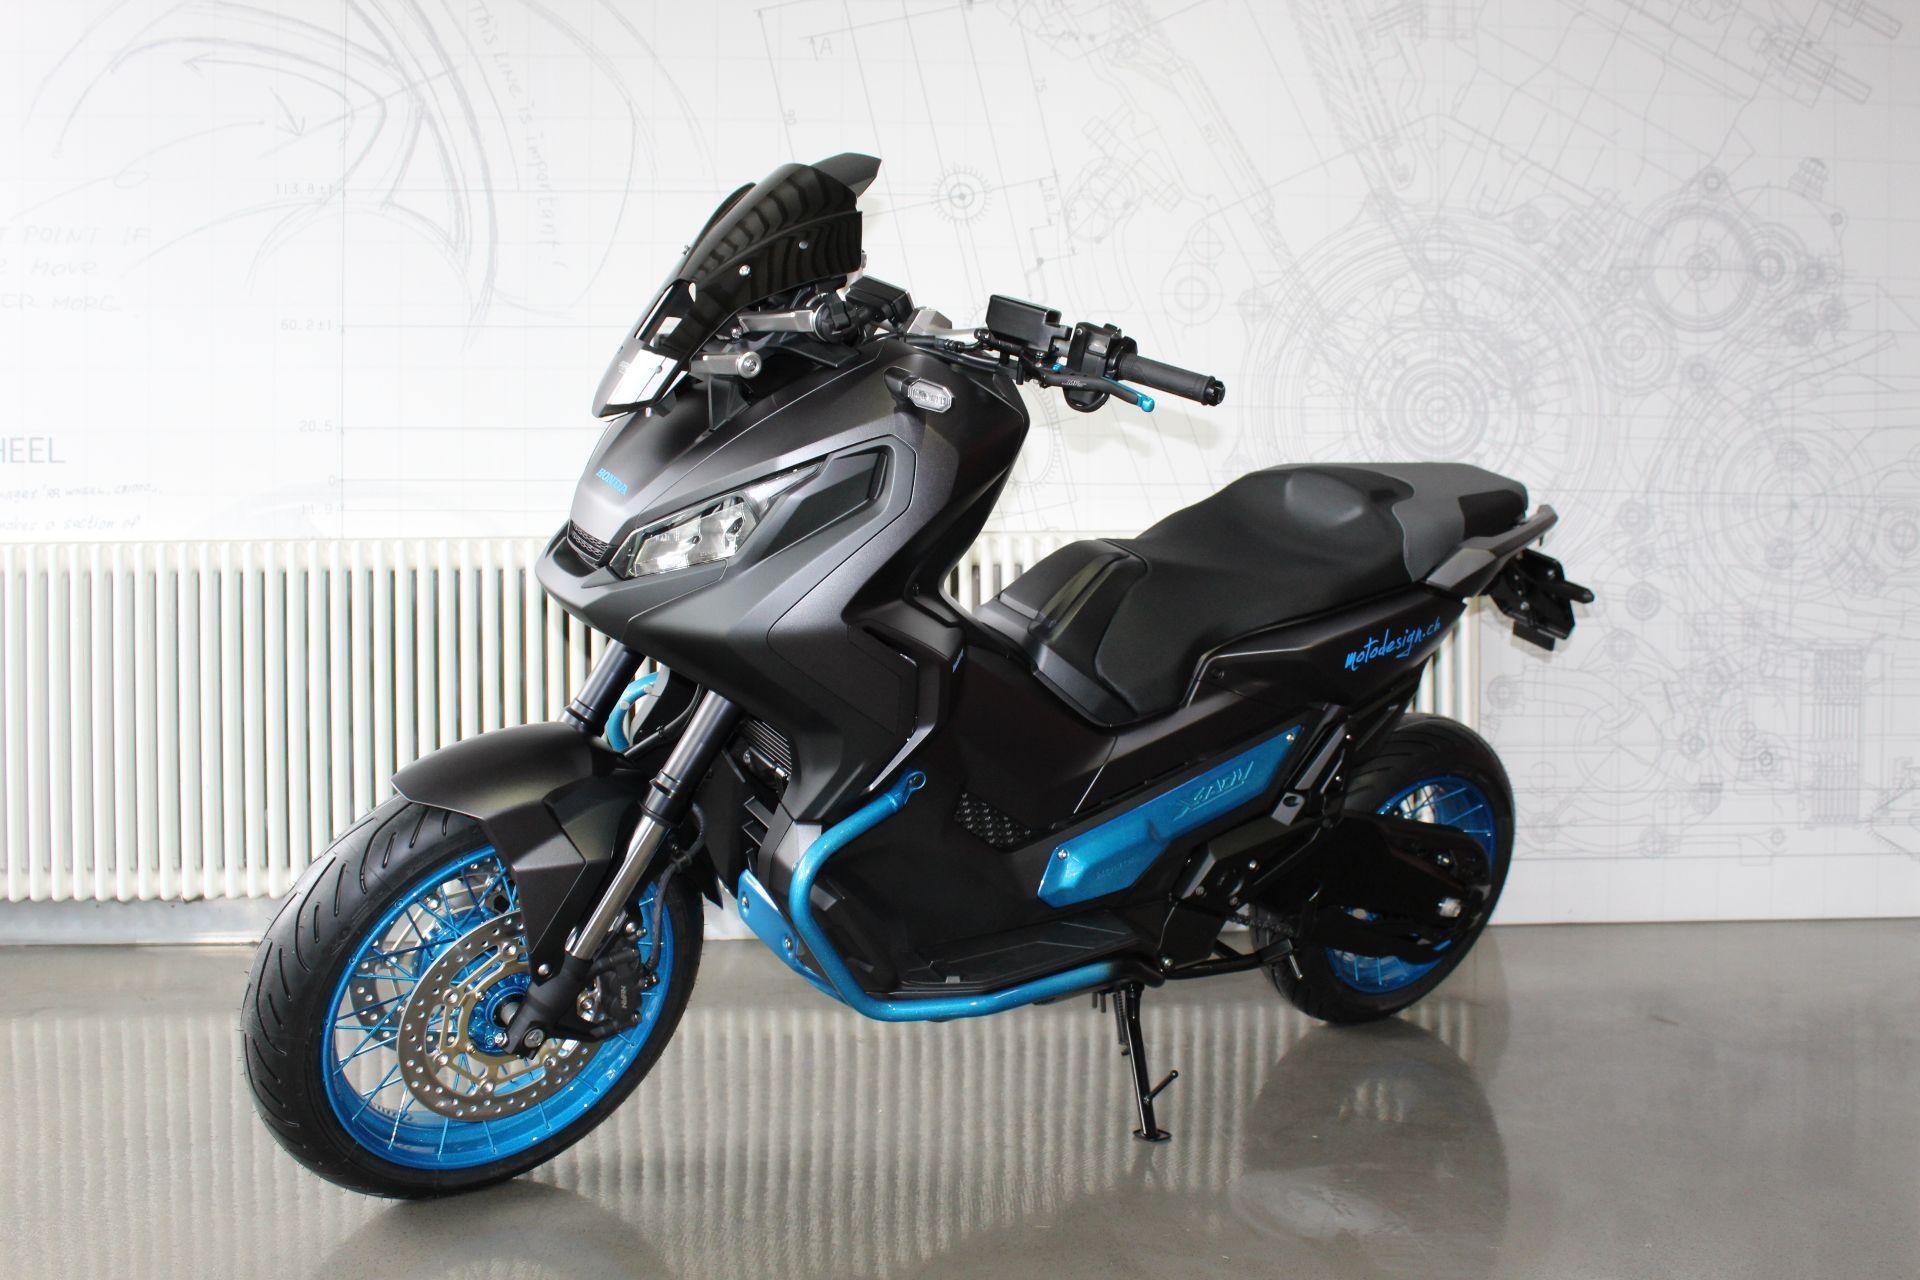 moto veicoli nuovi acquistare honda x adv 750 racing. Black Bedroom Furniture Sets. Home Design Ideas